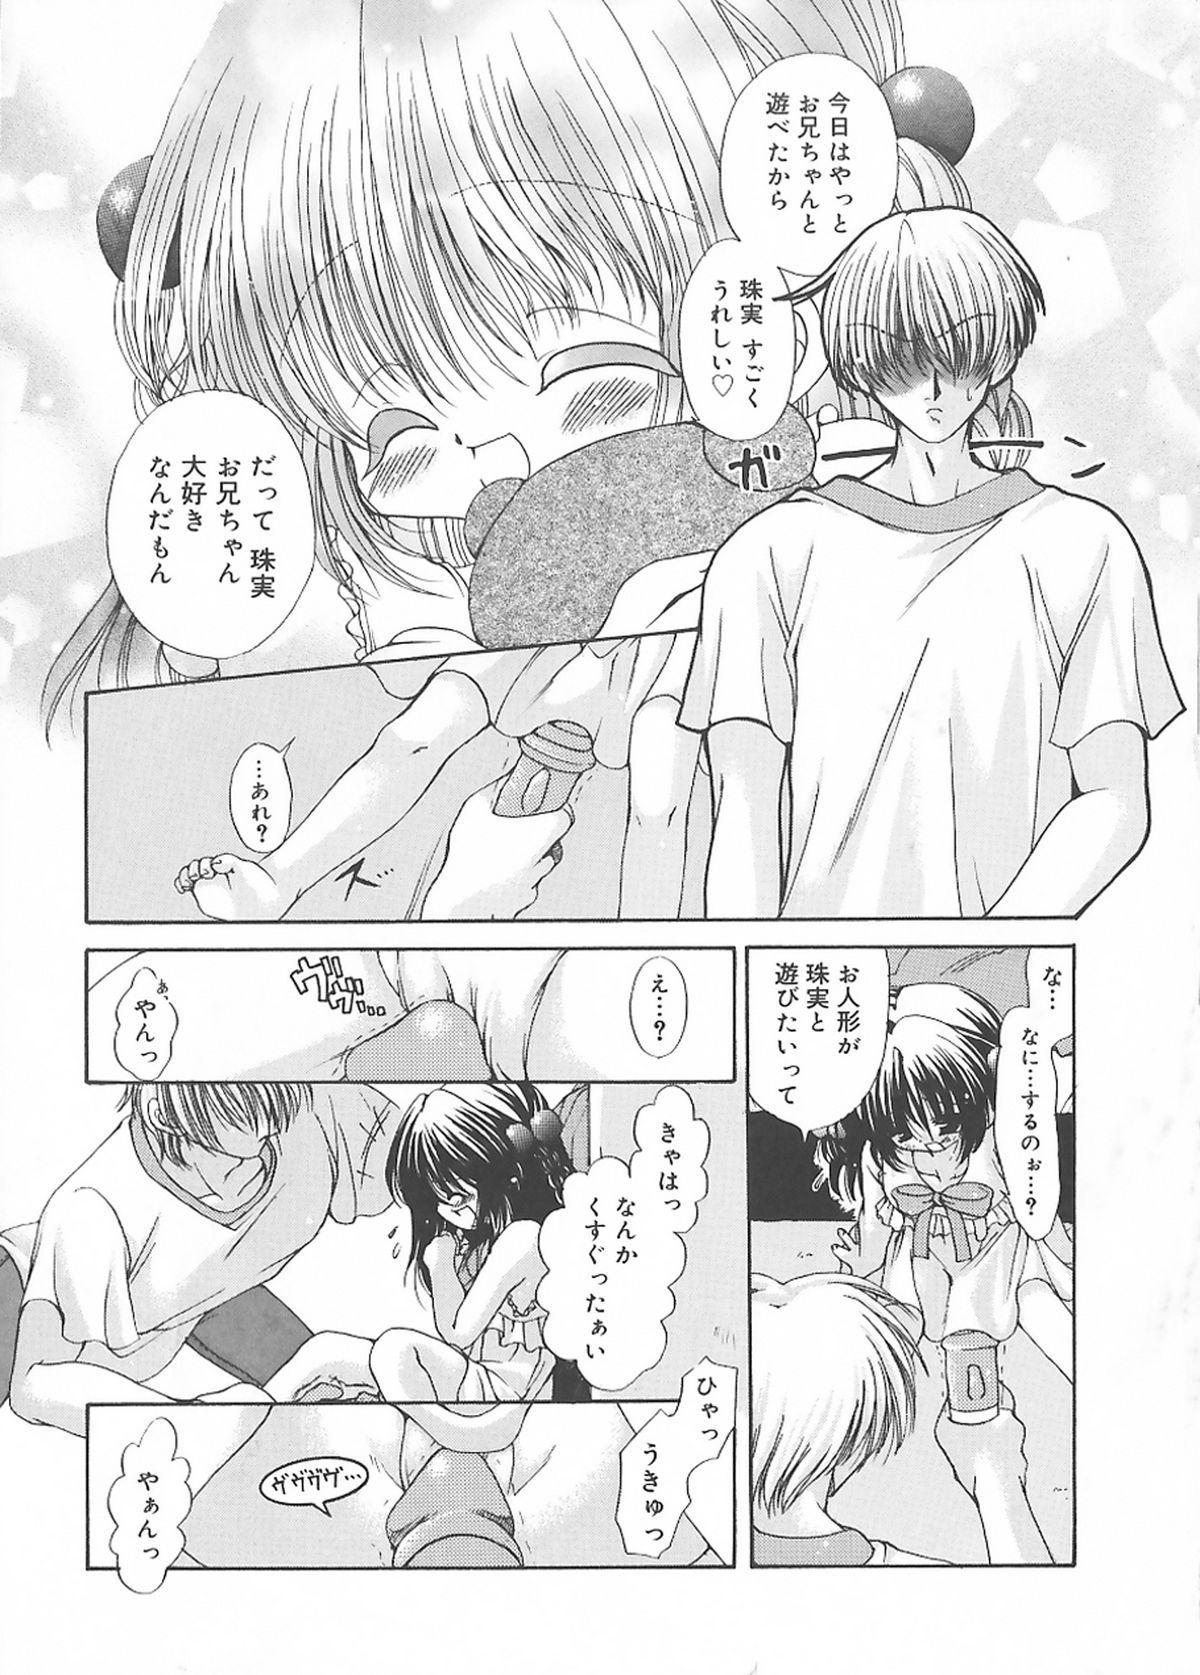 Cream Tengoku - Shinsouban 120